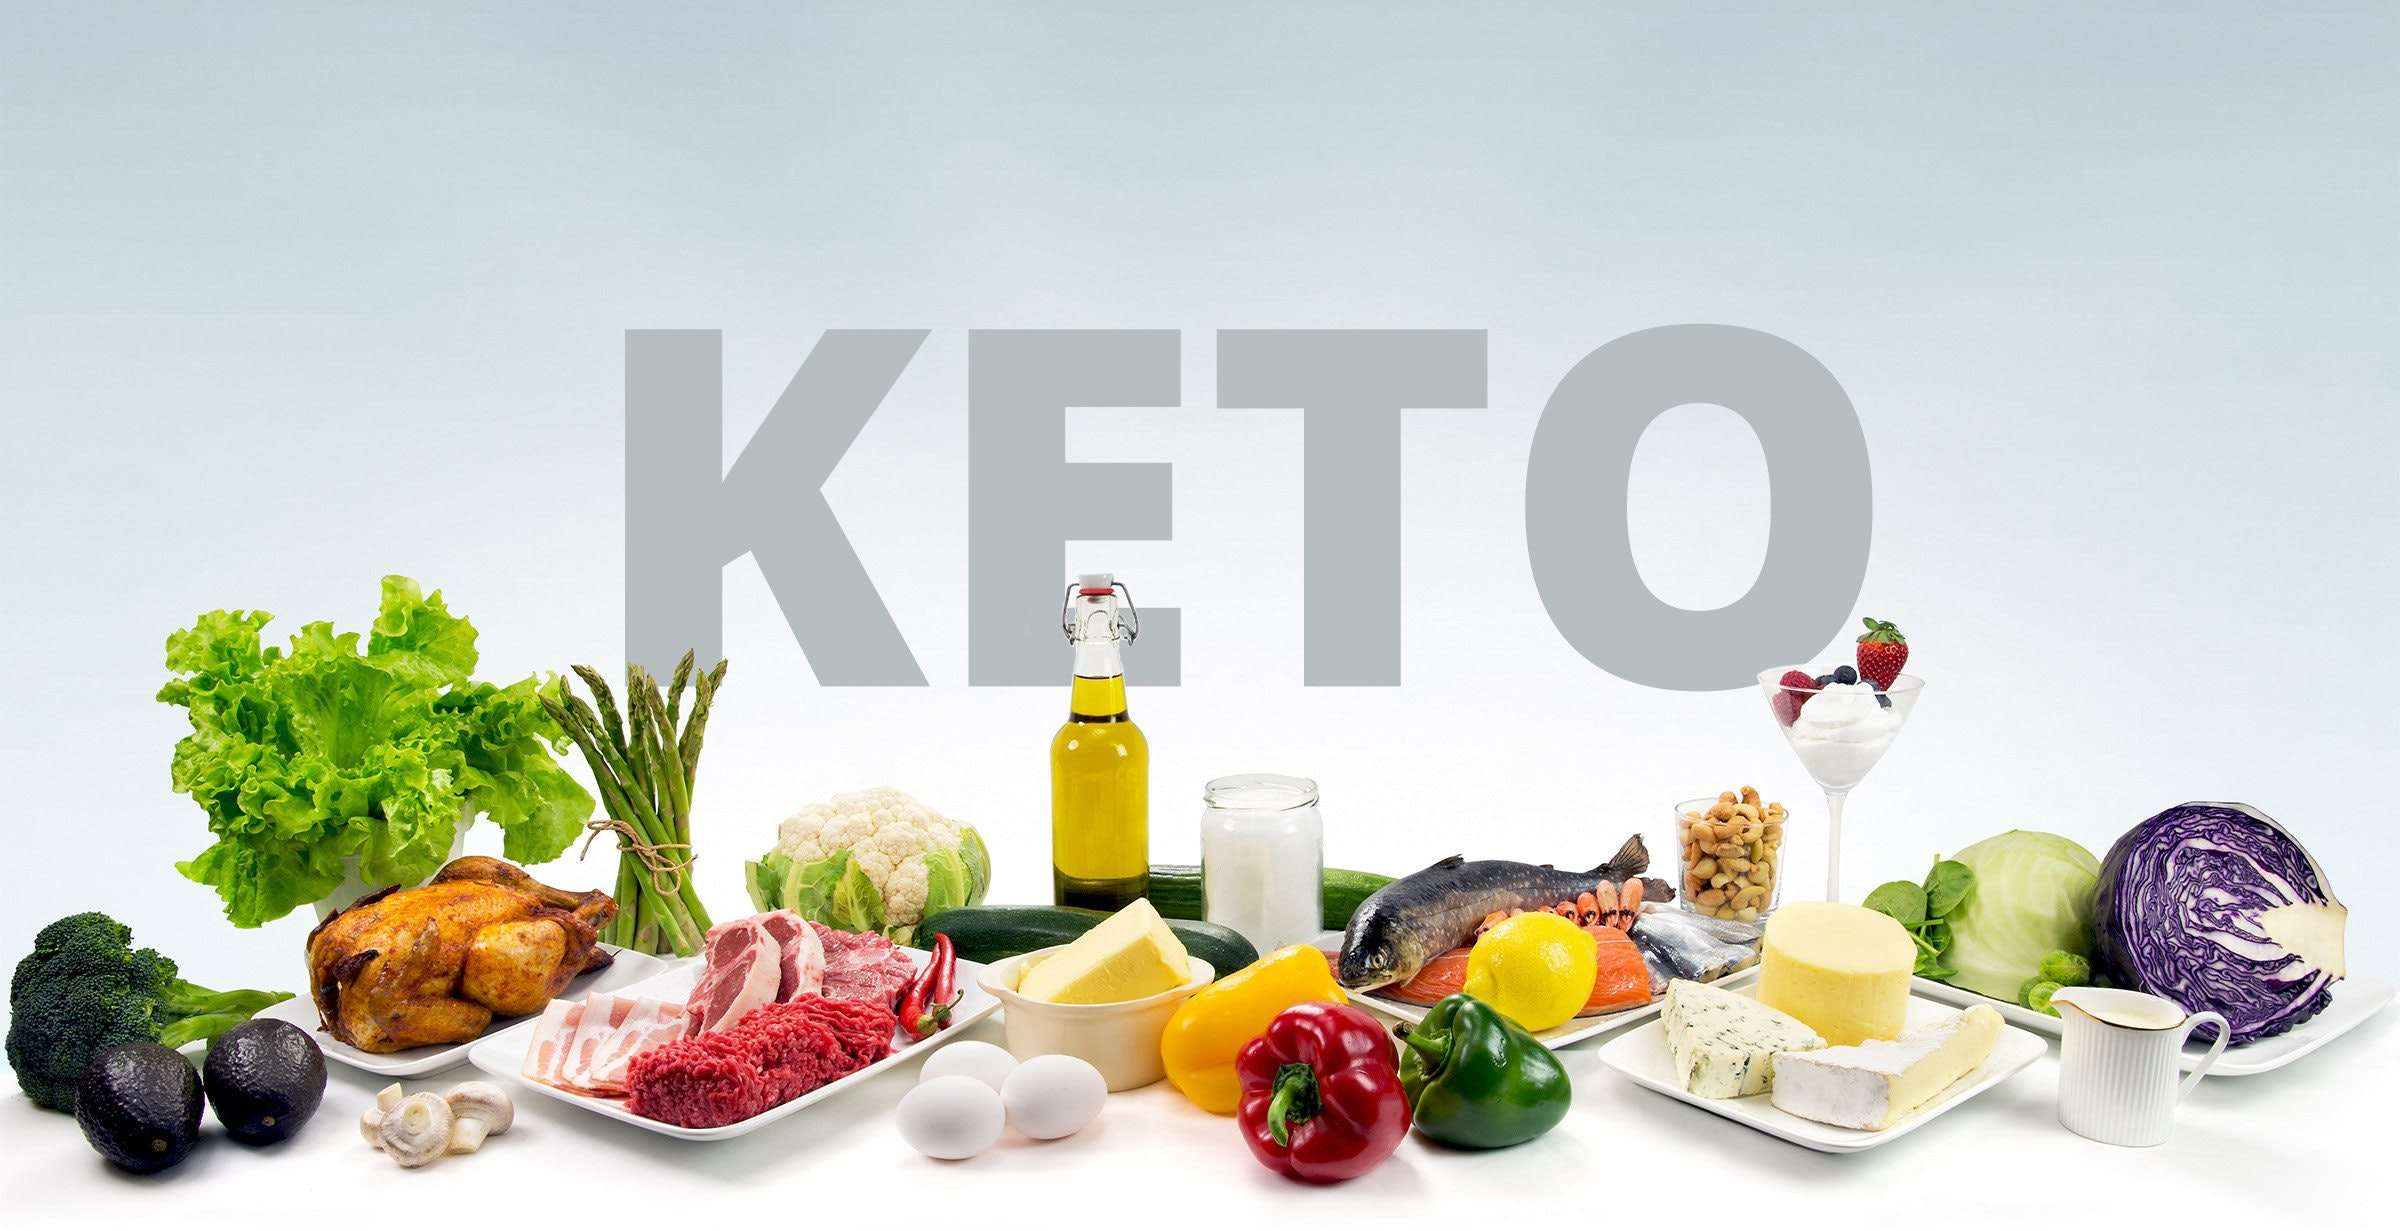 Significado de dieta keto